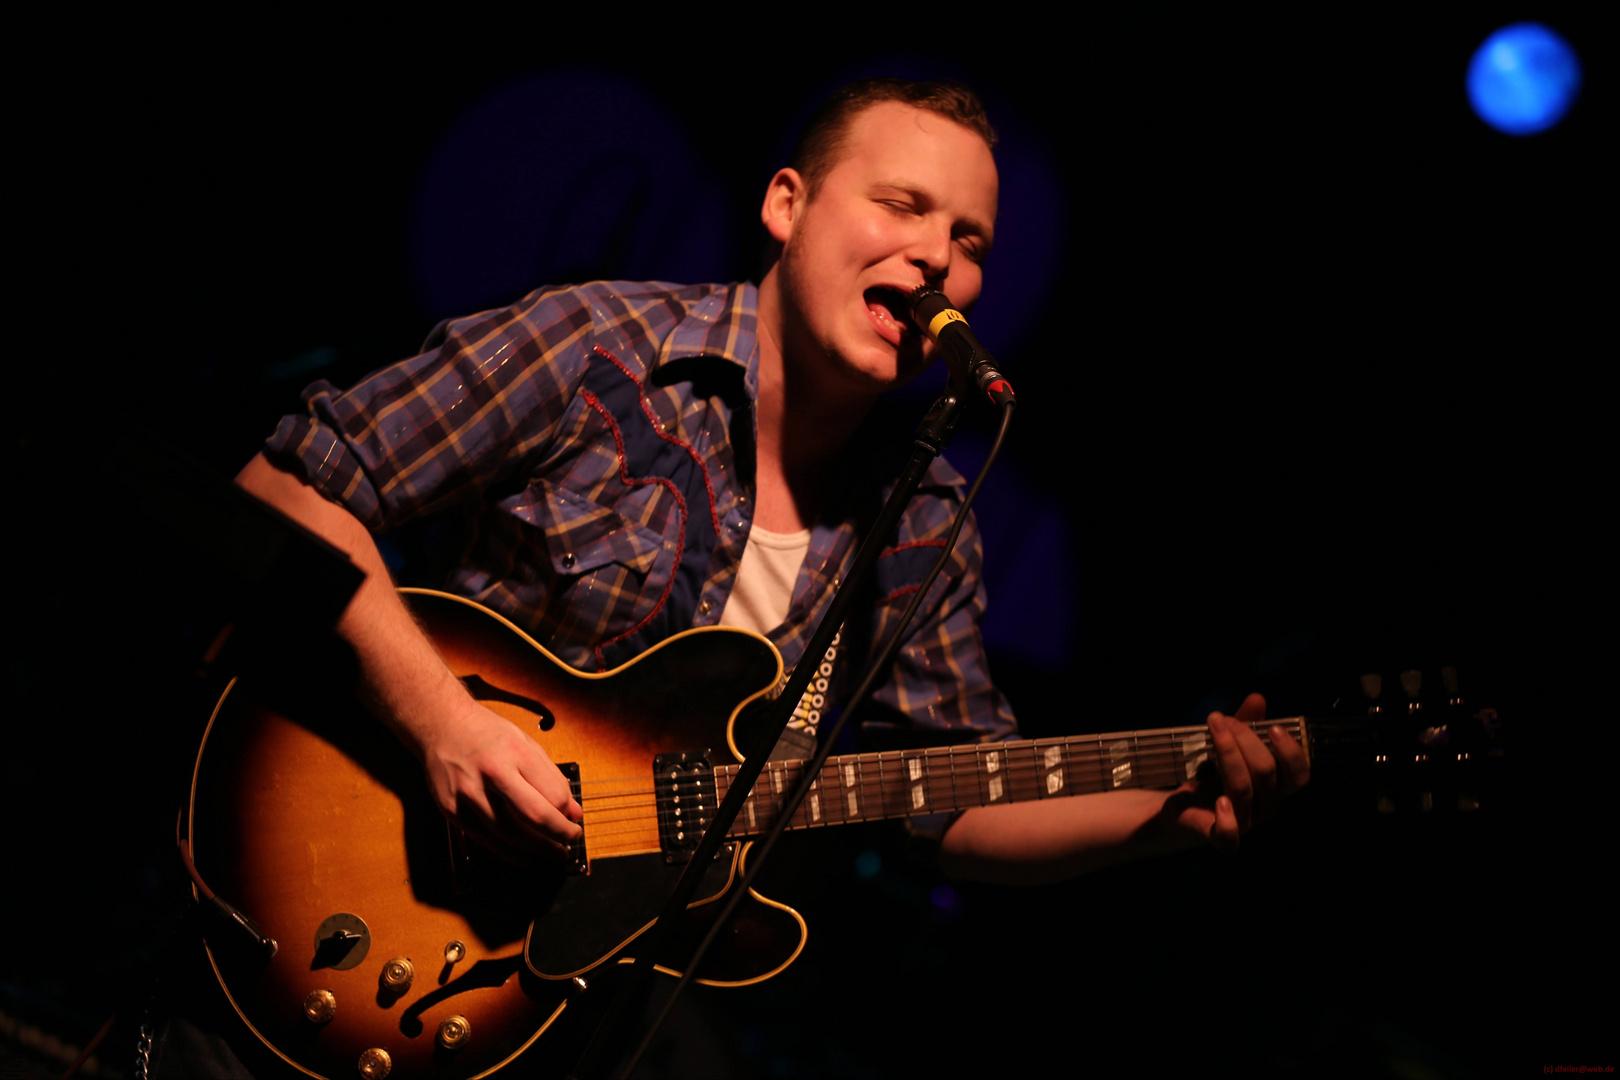 Jimmy Bowskill - Bluescaravan 2013 - Nürnberg